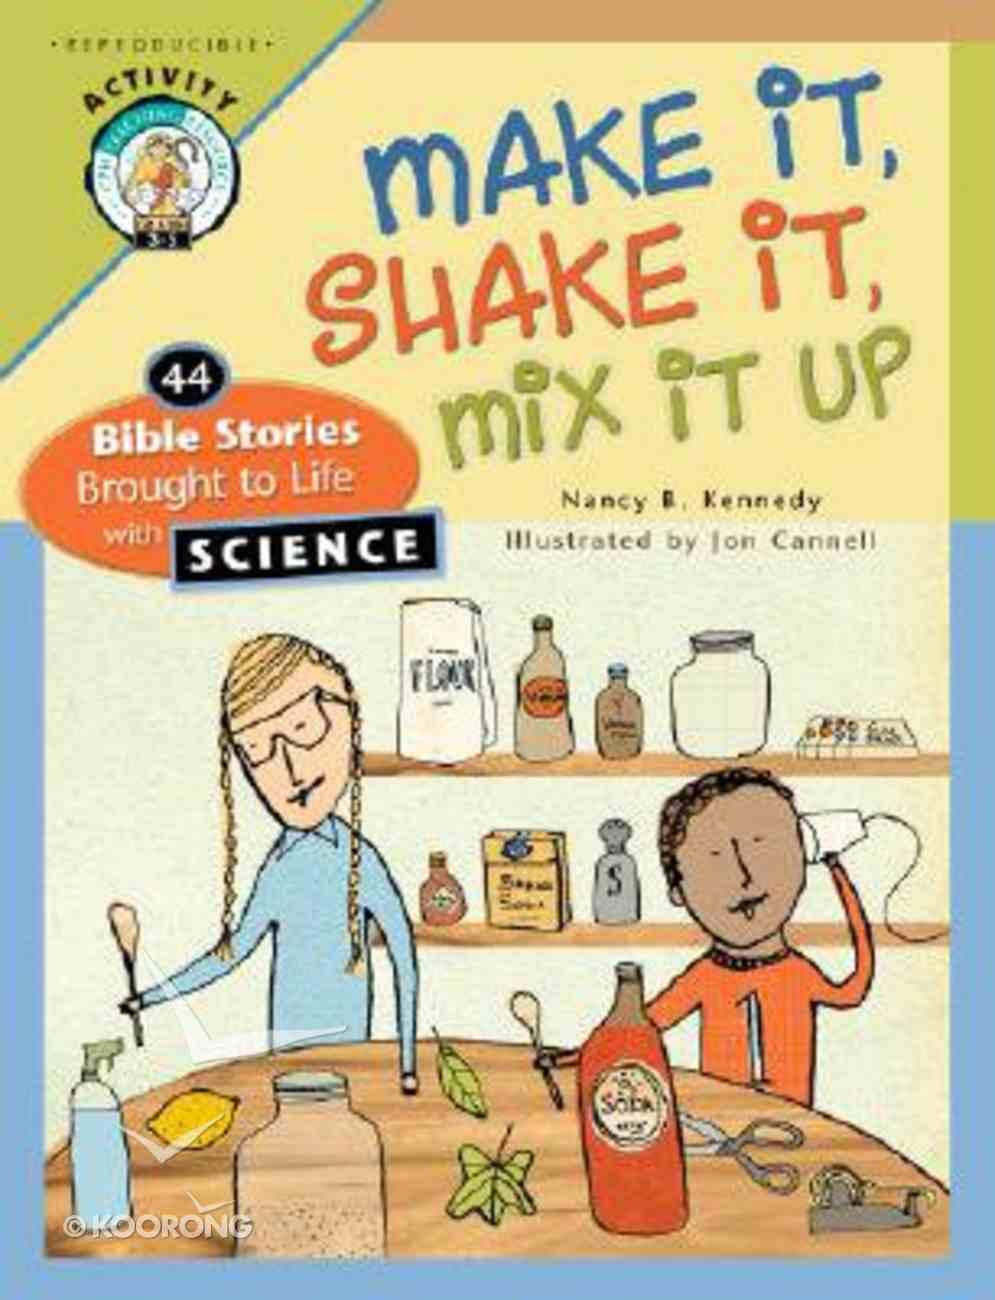 Make It, Shake It, Mix It Up Paperback